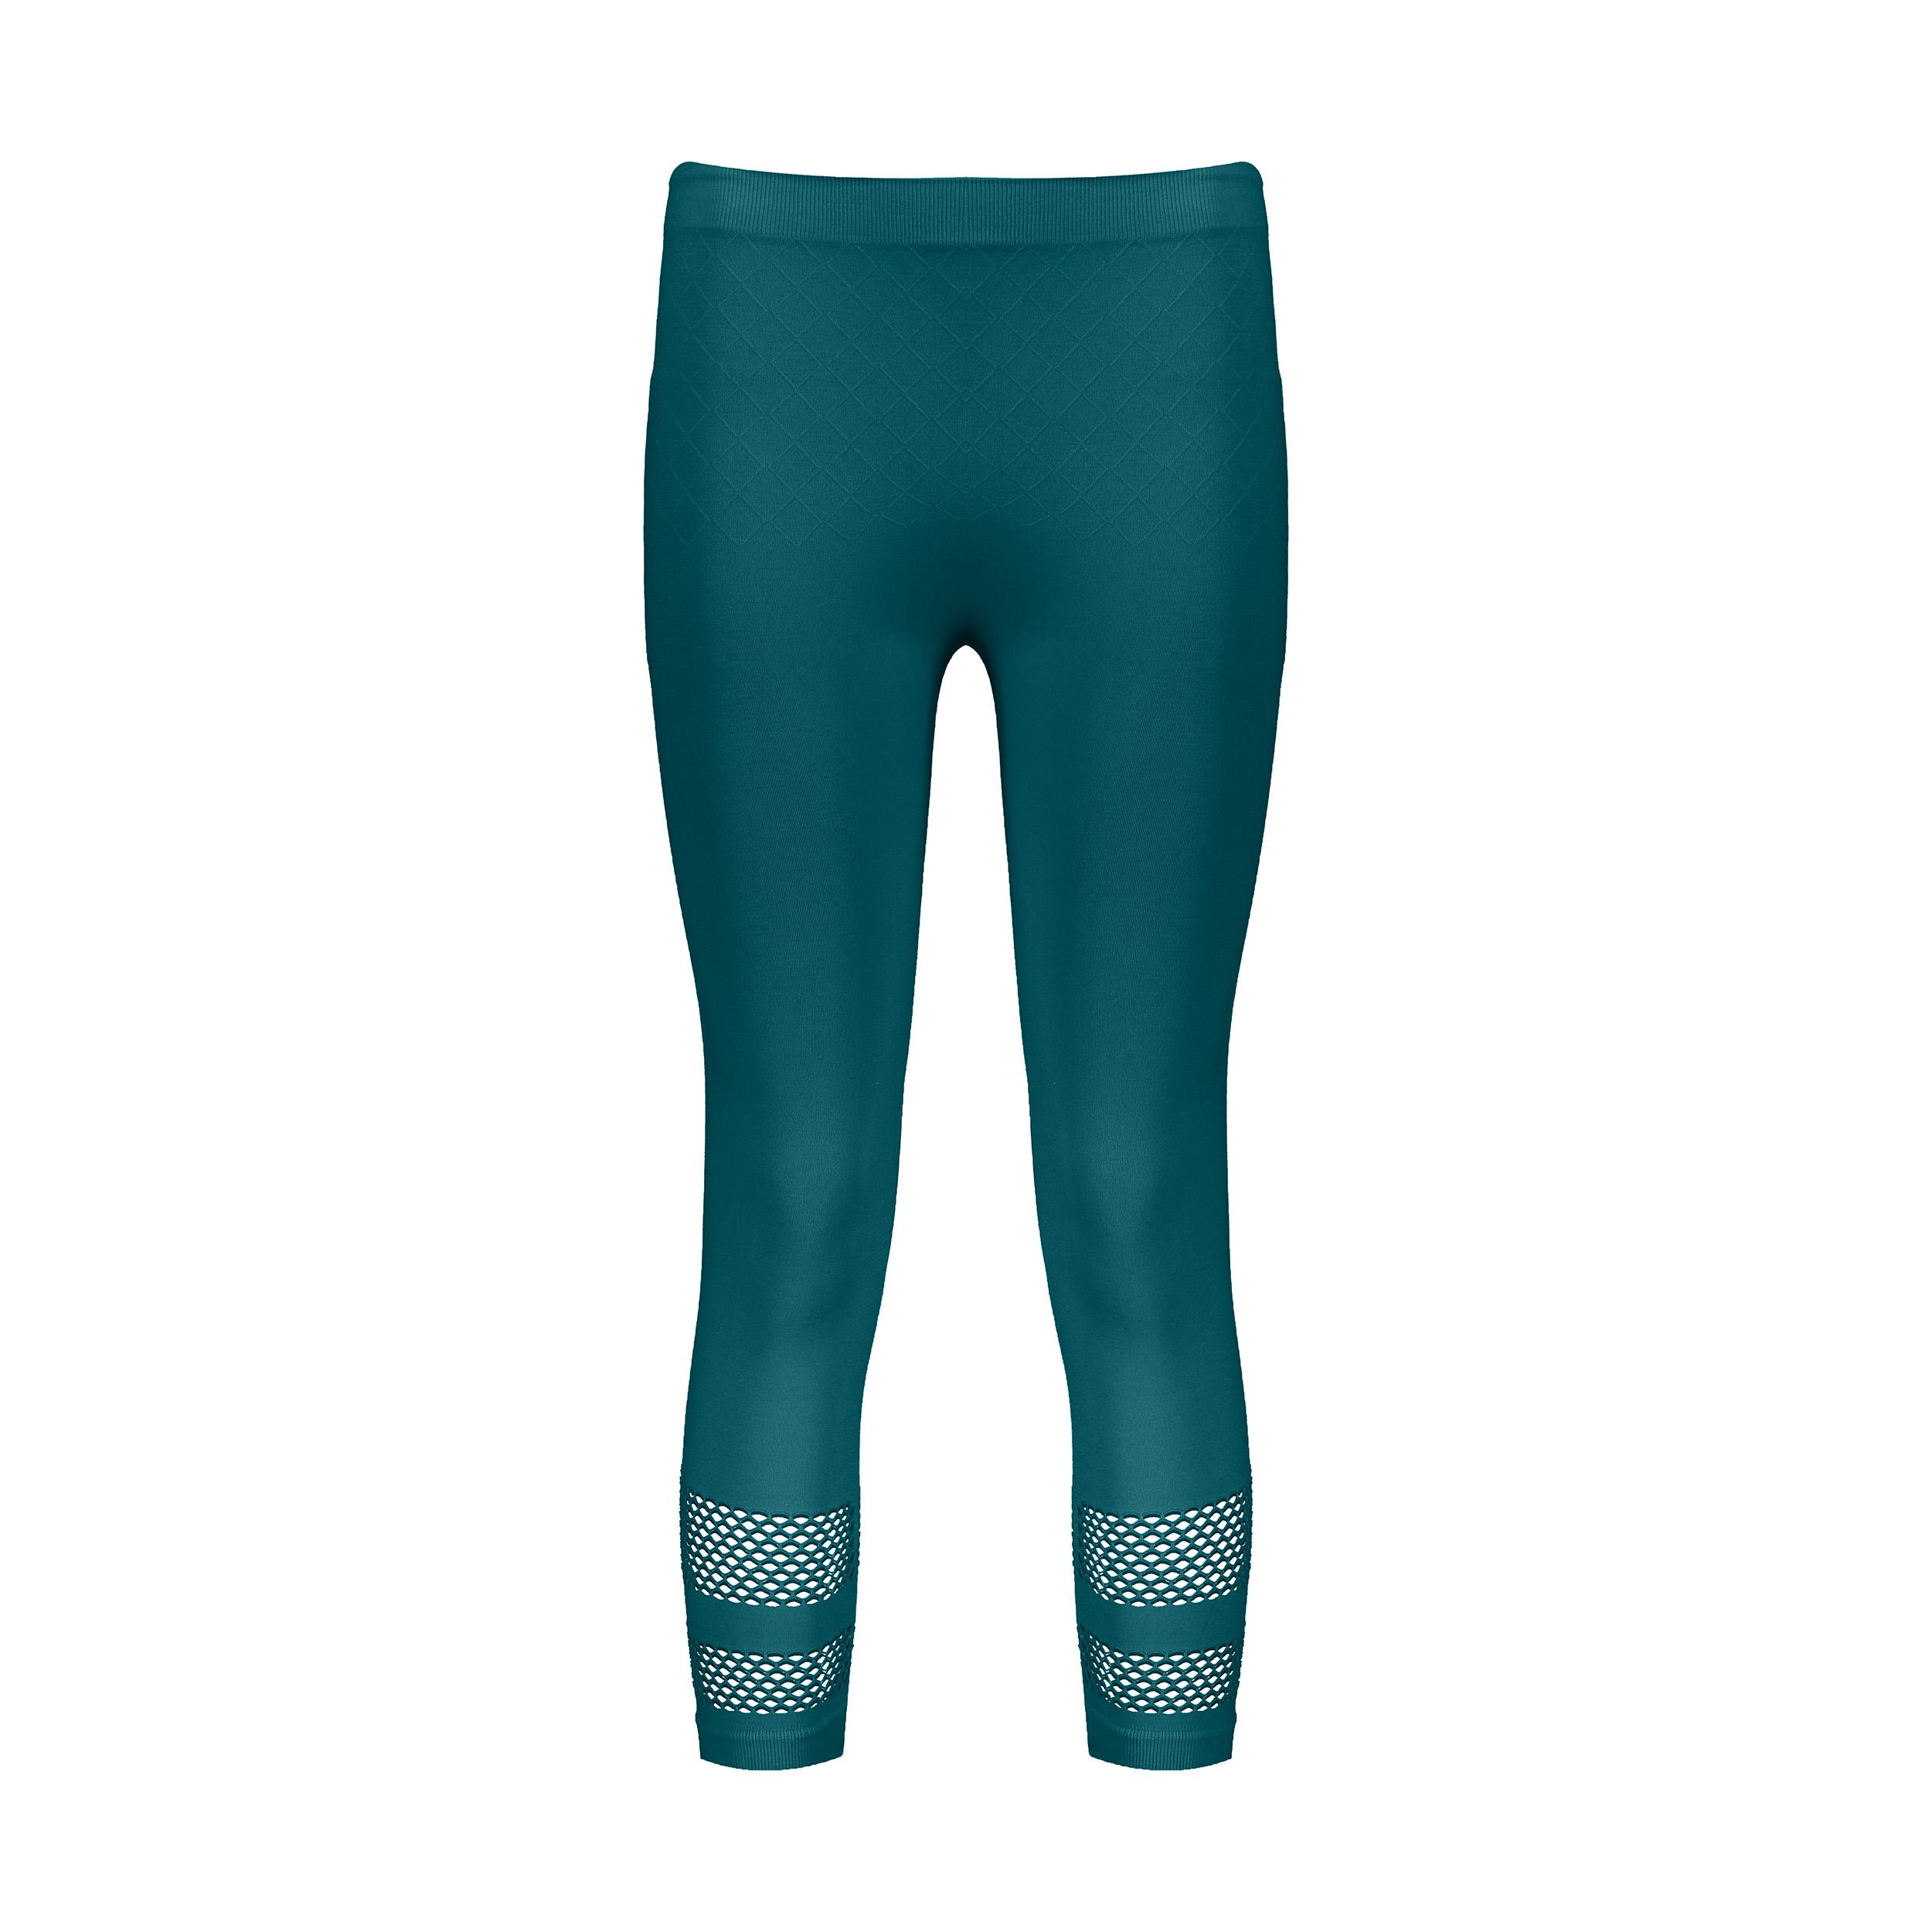 شلوارک ورزشی زنانه کد 108